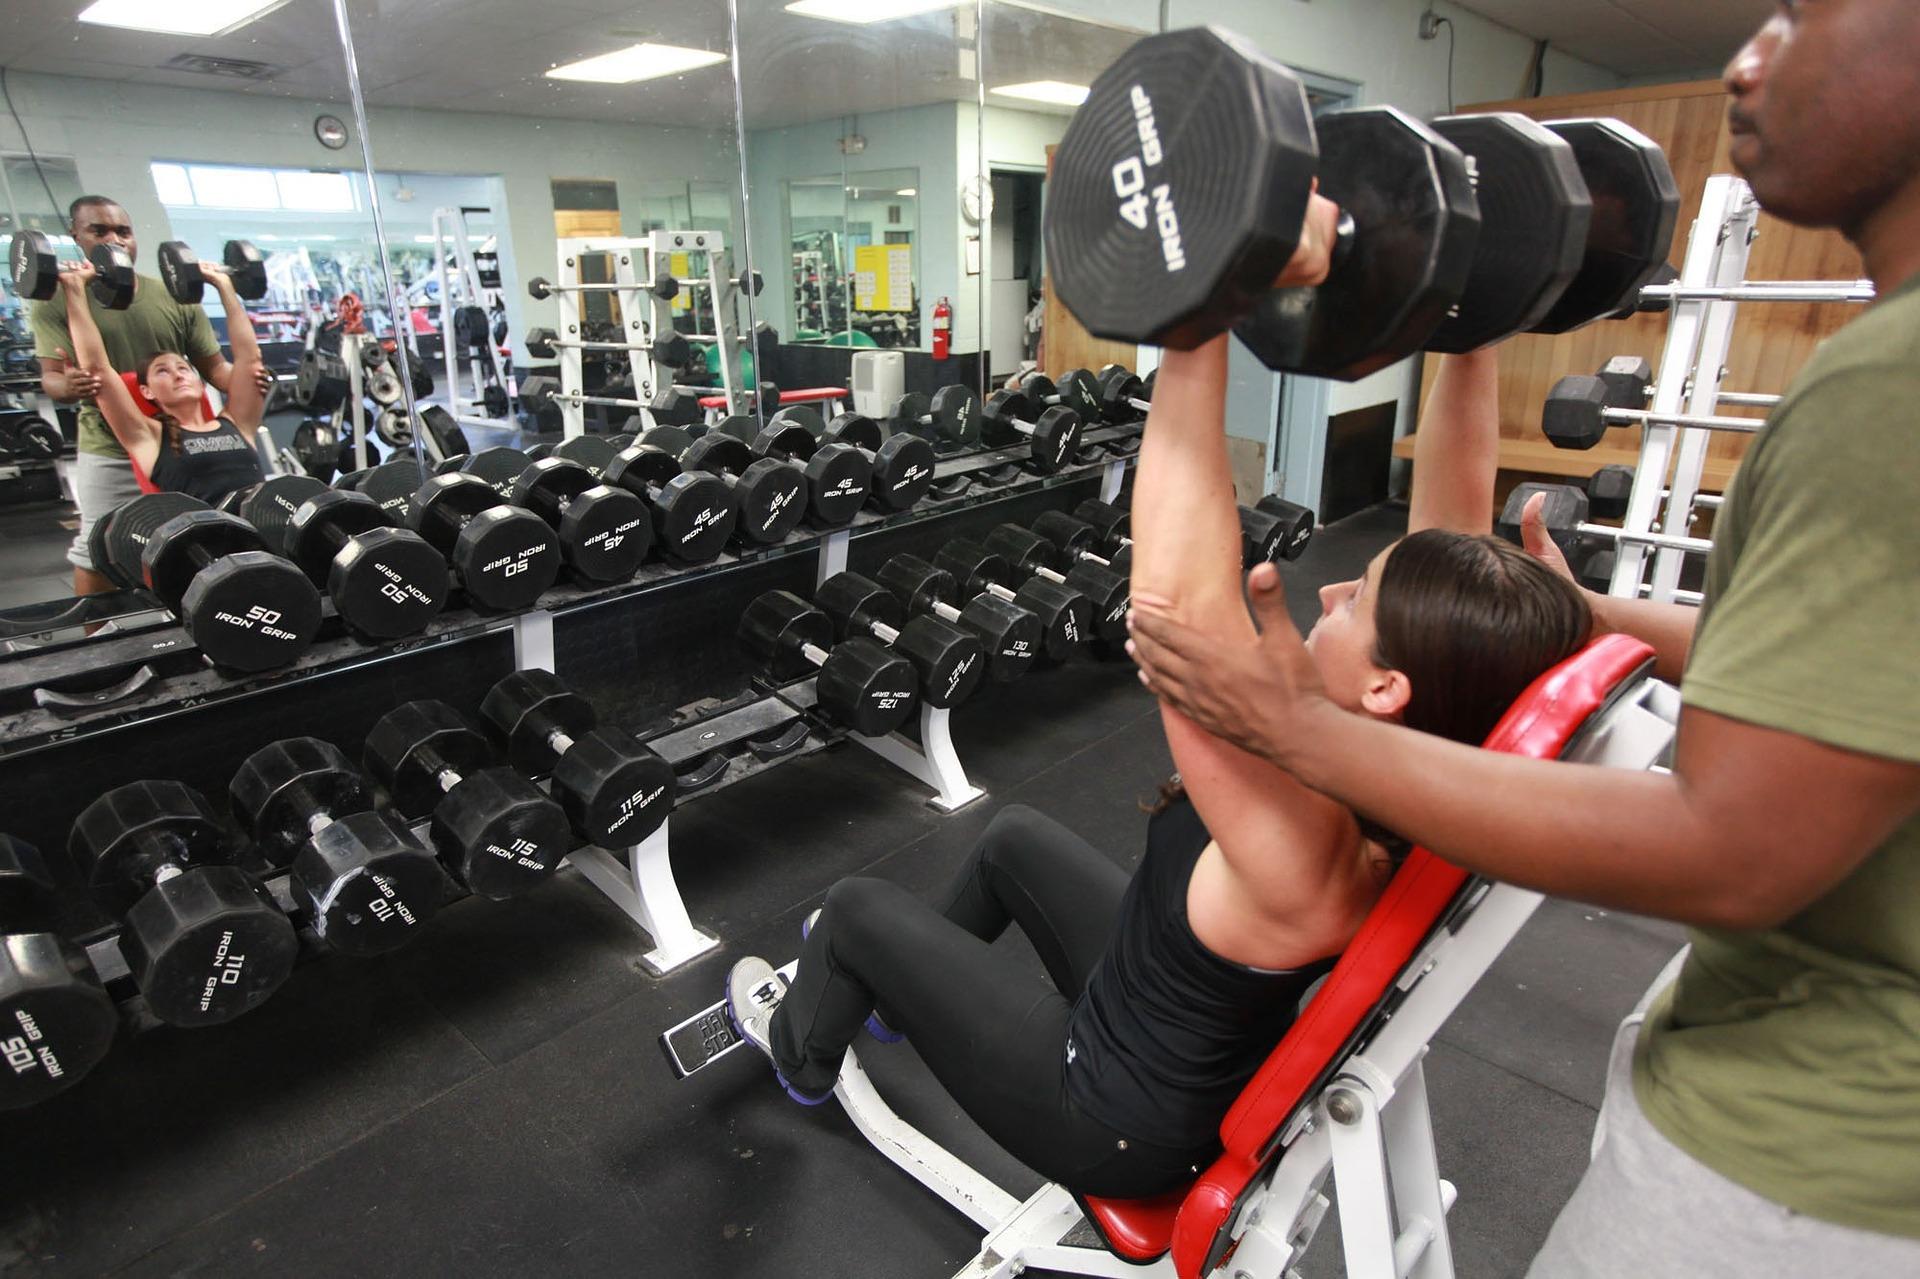 weights-652488_1920.jpg